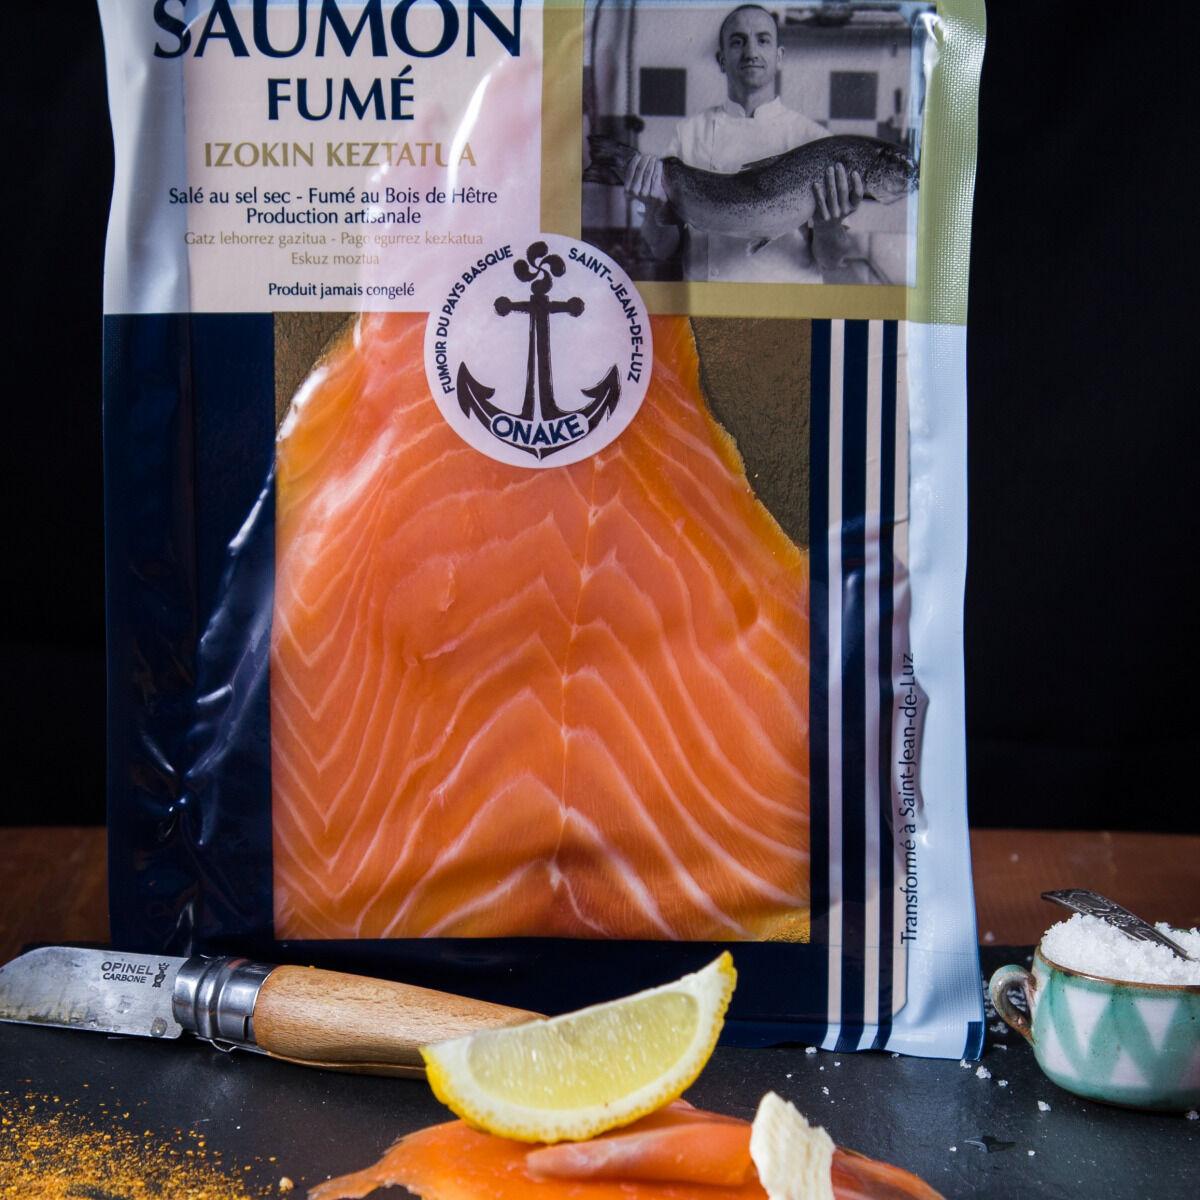 ONAKE - Le Fumoir du Pays Basque Tranches de Saumon Écossais, Fumé au Bois de Hêtre - 2 Pers